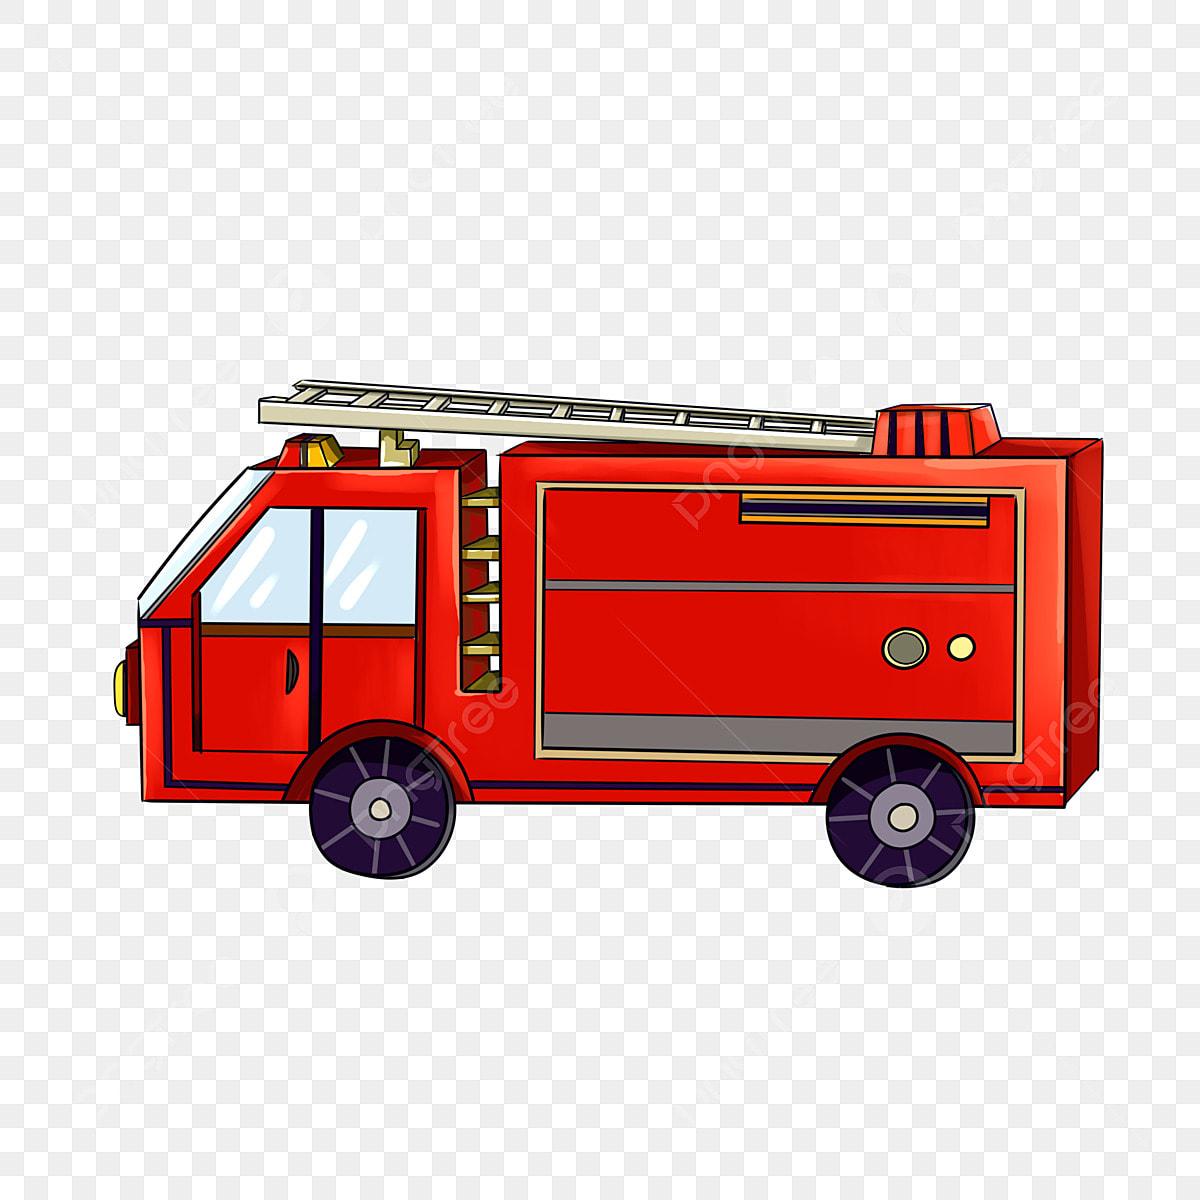 حريق شاحنة سيارة حمراء رجال الاطفاء مكافحة الحرائق أداة 119 كرتون مرسومة باليد أداة مكافحة الحريق Png وملف Psd للتحميل مجانا